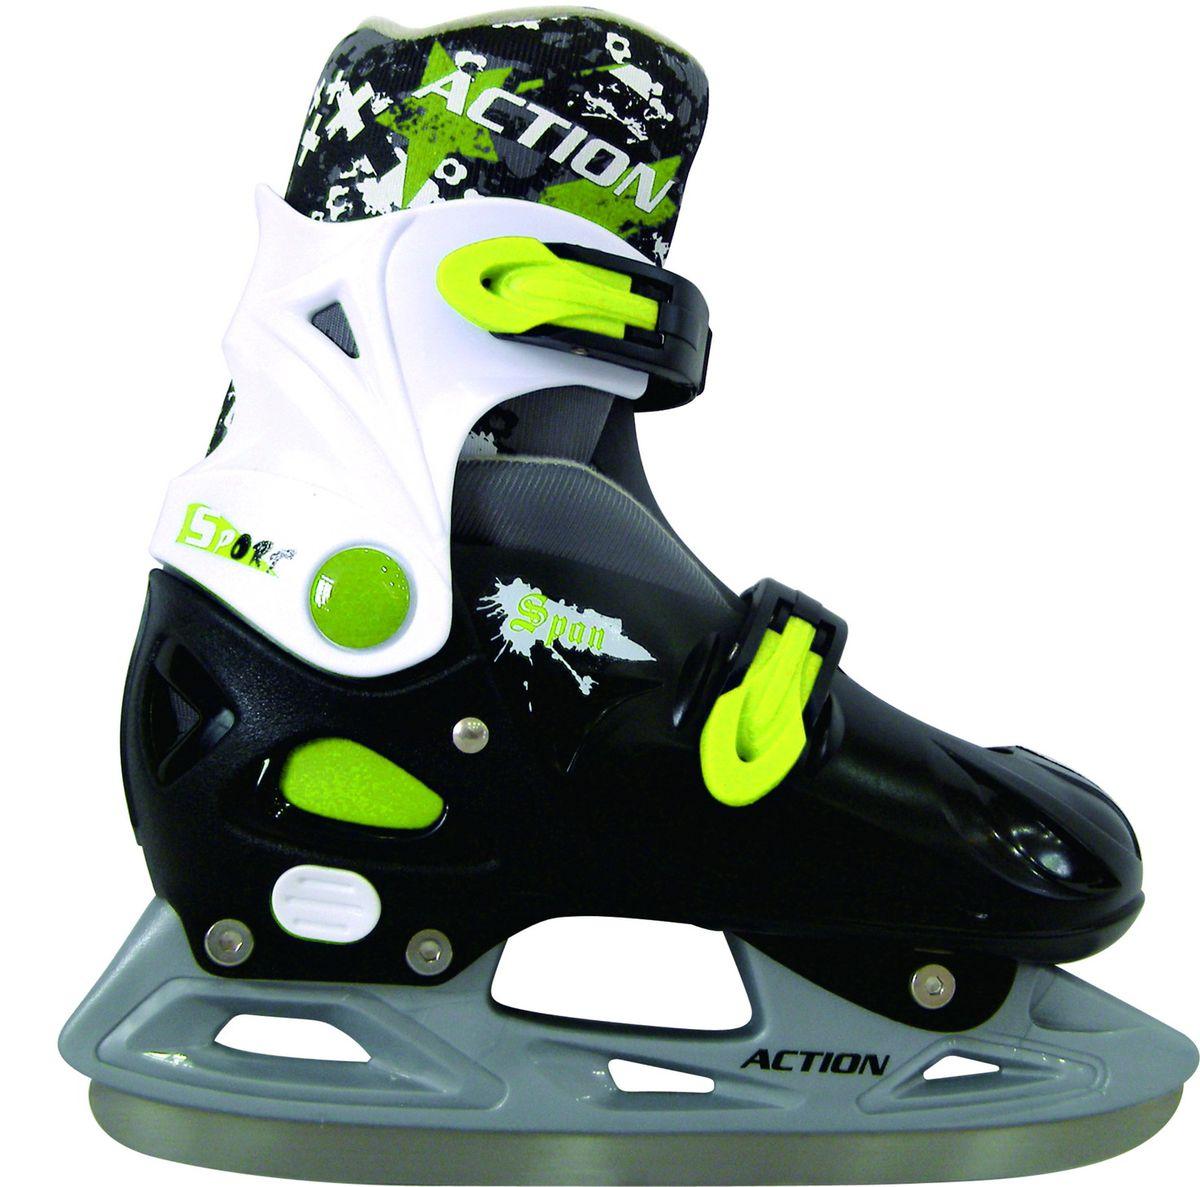 Коньки ледовые Action PW-333, раздвижные, цвет: черный, белый, зеленый. Размер 37/40PW-333Раздвижная конструкция ледовых коньков Action PW-333 пользуется огромной популярностью за счет того, что отпадает необходимость ежегодно покупать новую пару вслед за ростом ноги - ребенок может кататься на своих любимых коньках не один год. Конечно, это не означает, что такие модели предназначены исключительно для детей. Размерные сетки таких моделей позволяют приобретать эти коньки и взрослым. Тип: раздвижные. Материал ботинка: нейлон, армированный каркасом из жесткого полиуретана.Материал подкладки: синтетическая ткань. Тип фиксации: клипсы. Рама: интегрированная, материал – полиуретан. Лезвие: тип – хоккейное, материал – нержавеющая сталь. Защитное напыление: есть. Вид применения: любительское катание на льду.